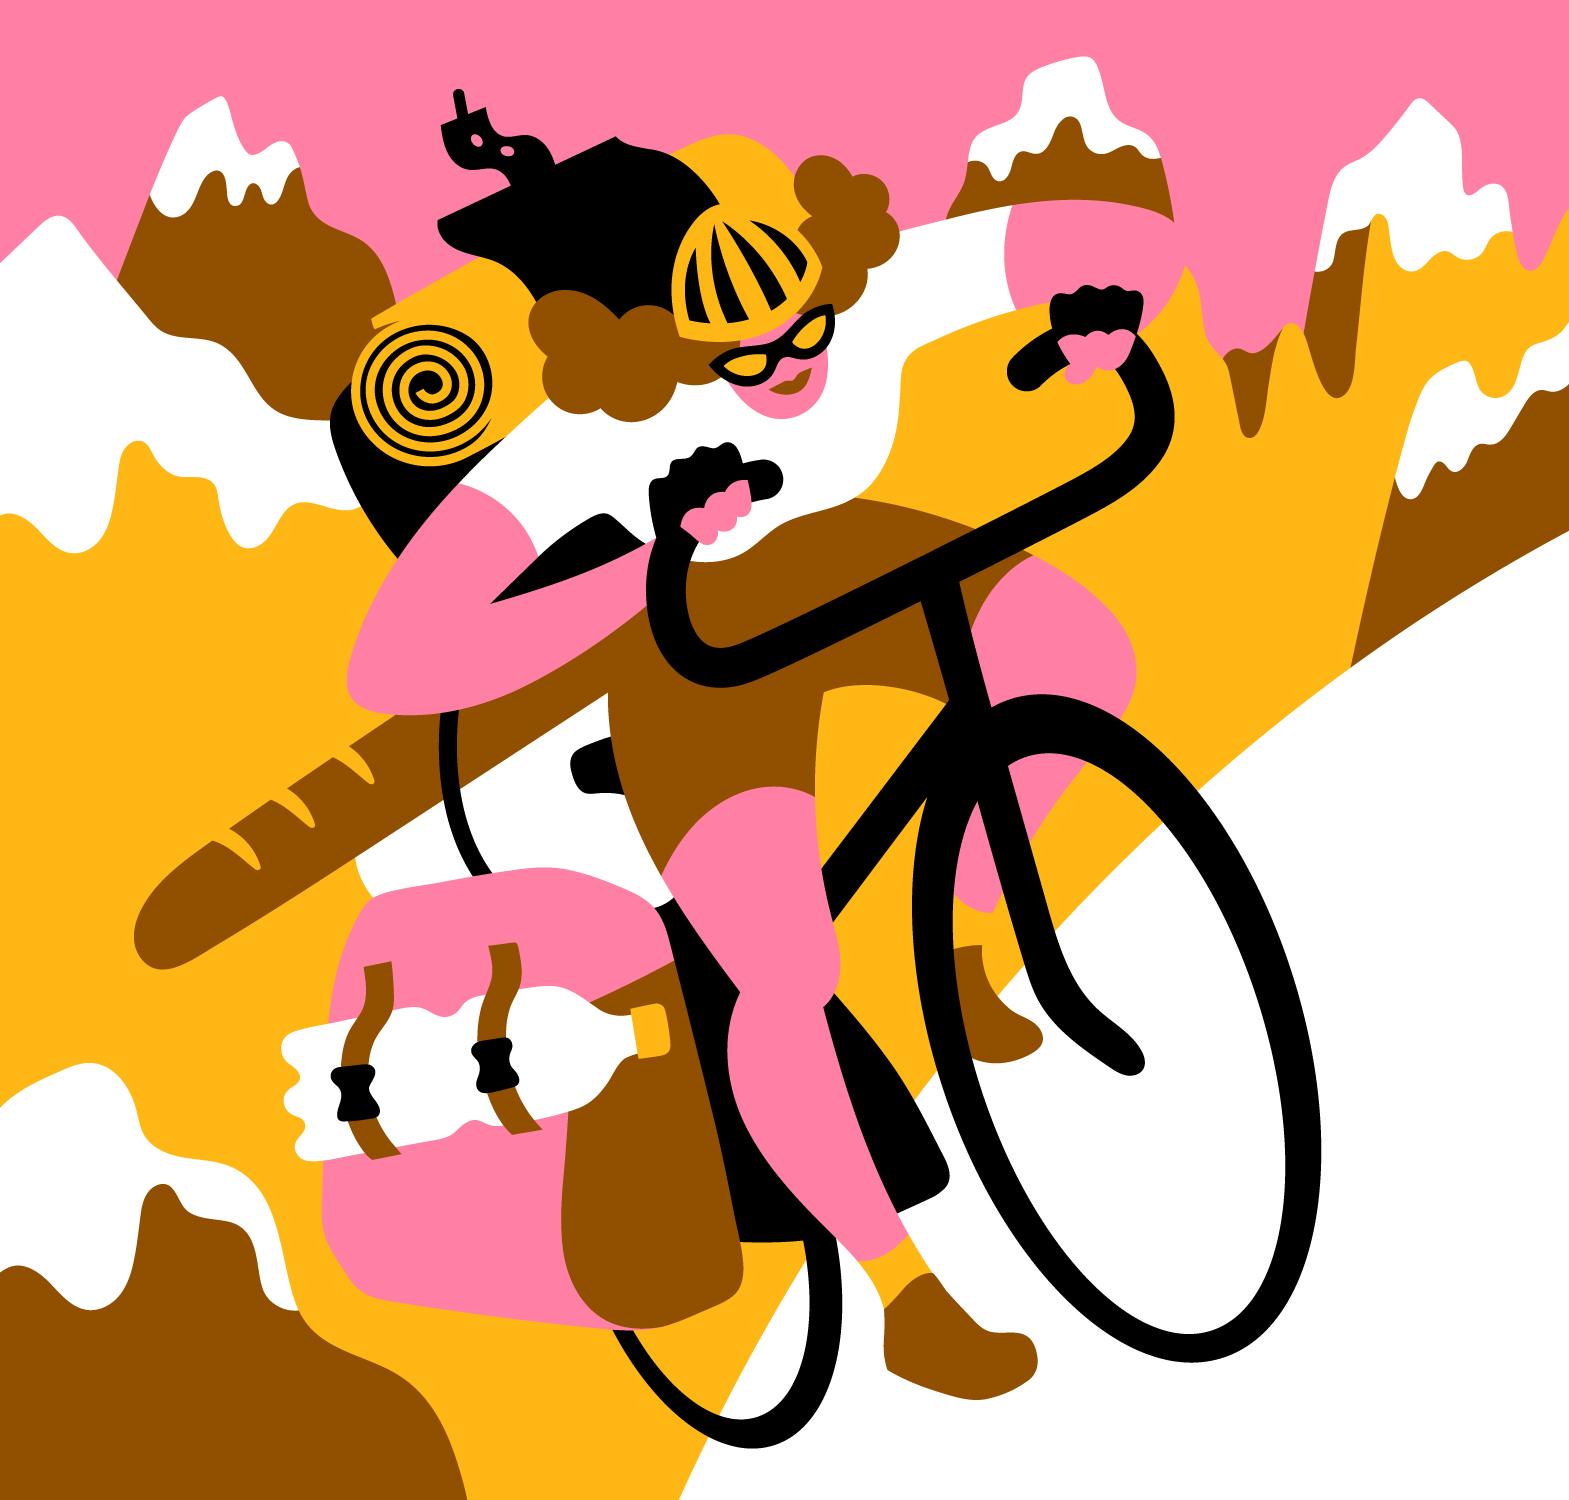 brummell_biking_web_lisategtmeier.jpg